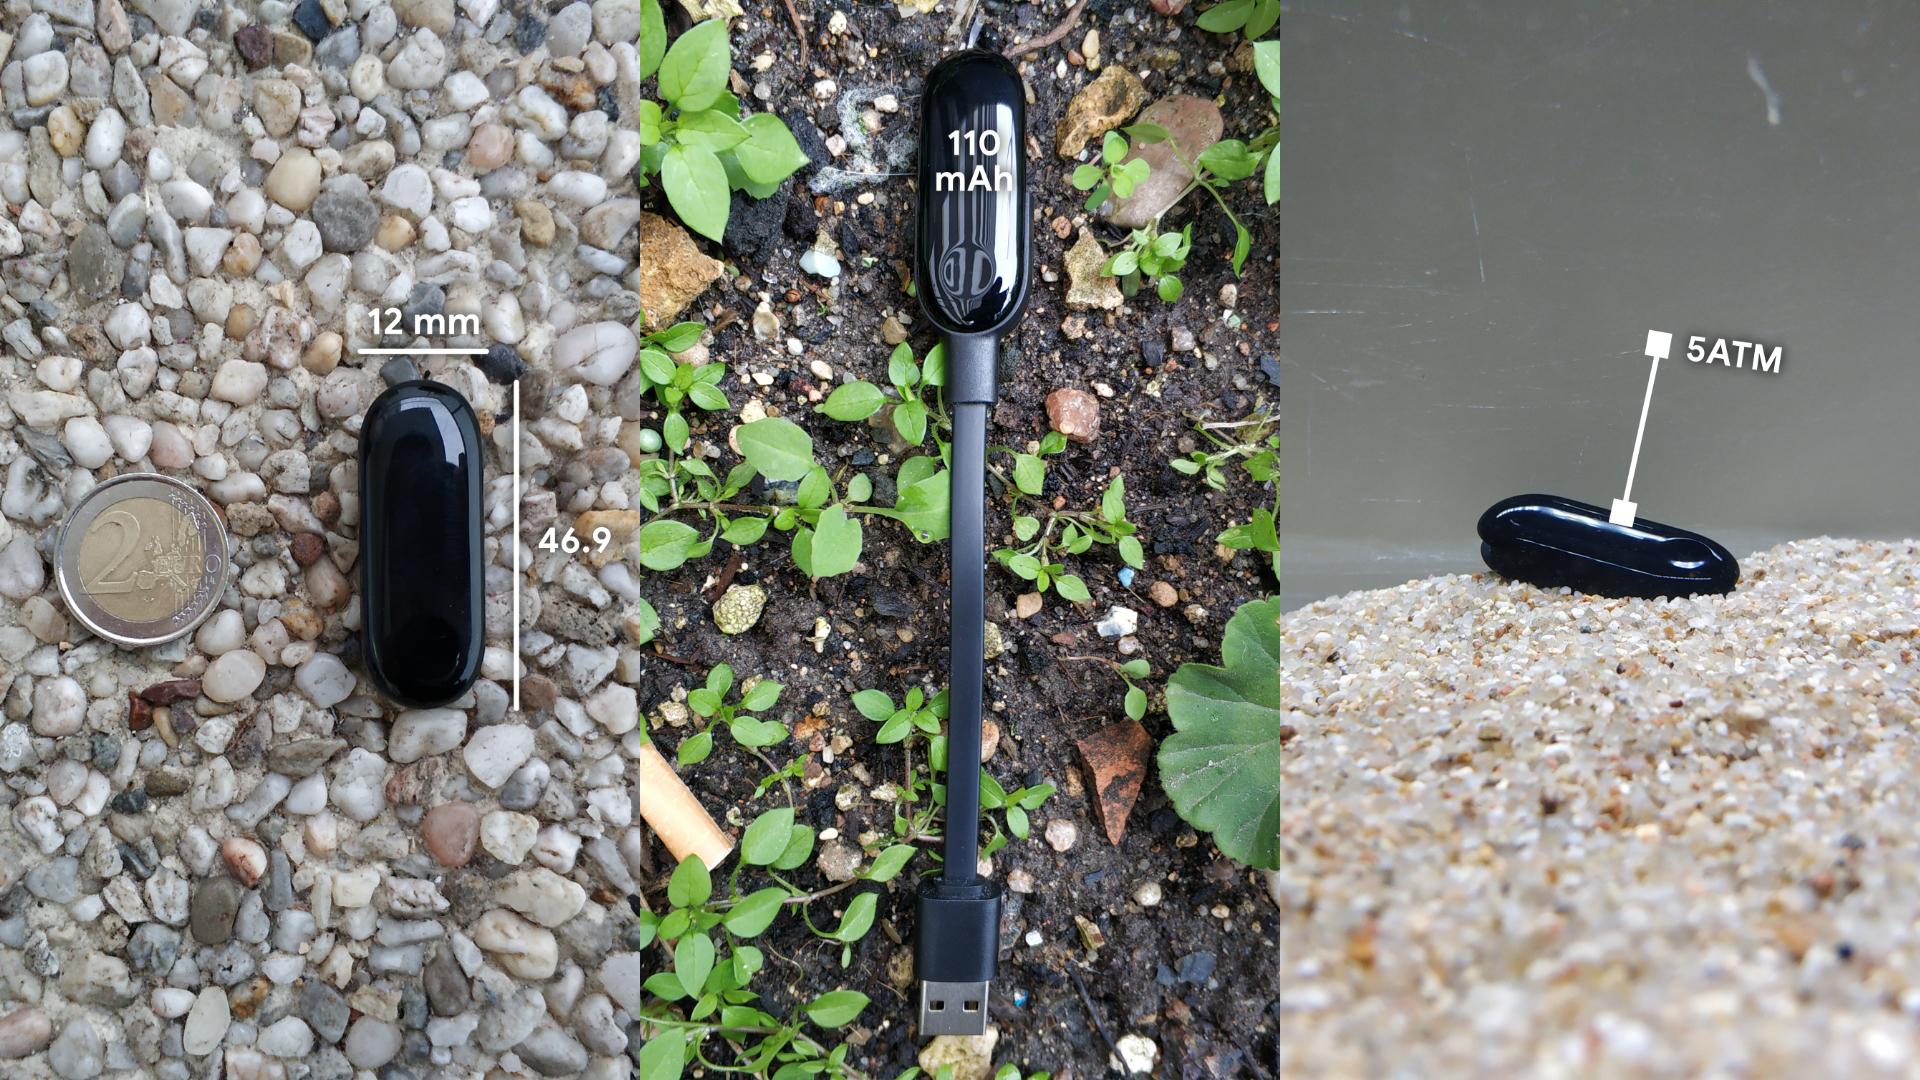 Xiaomi Mi Band 3 avec batterie, taille et 5ATM